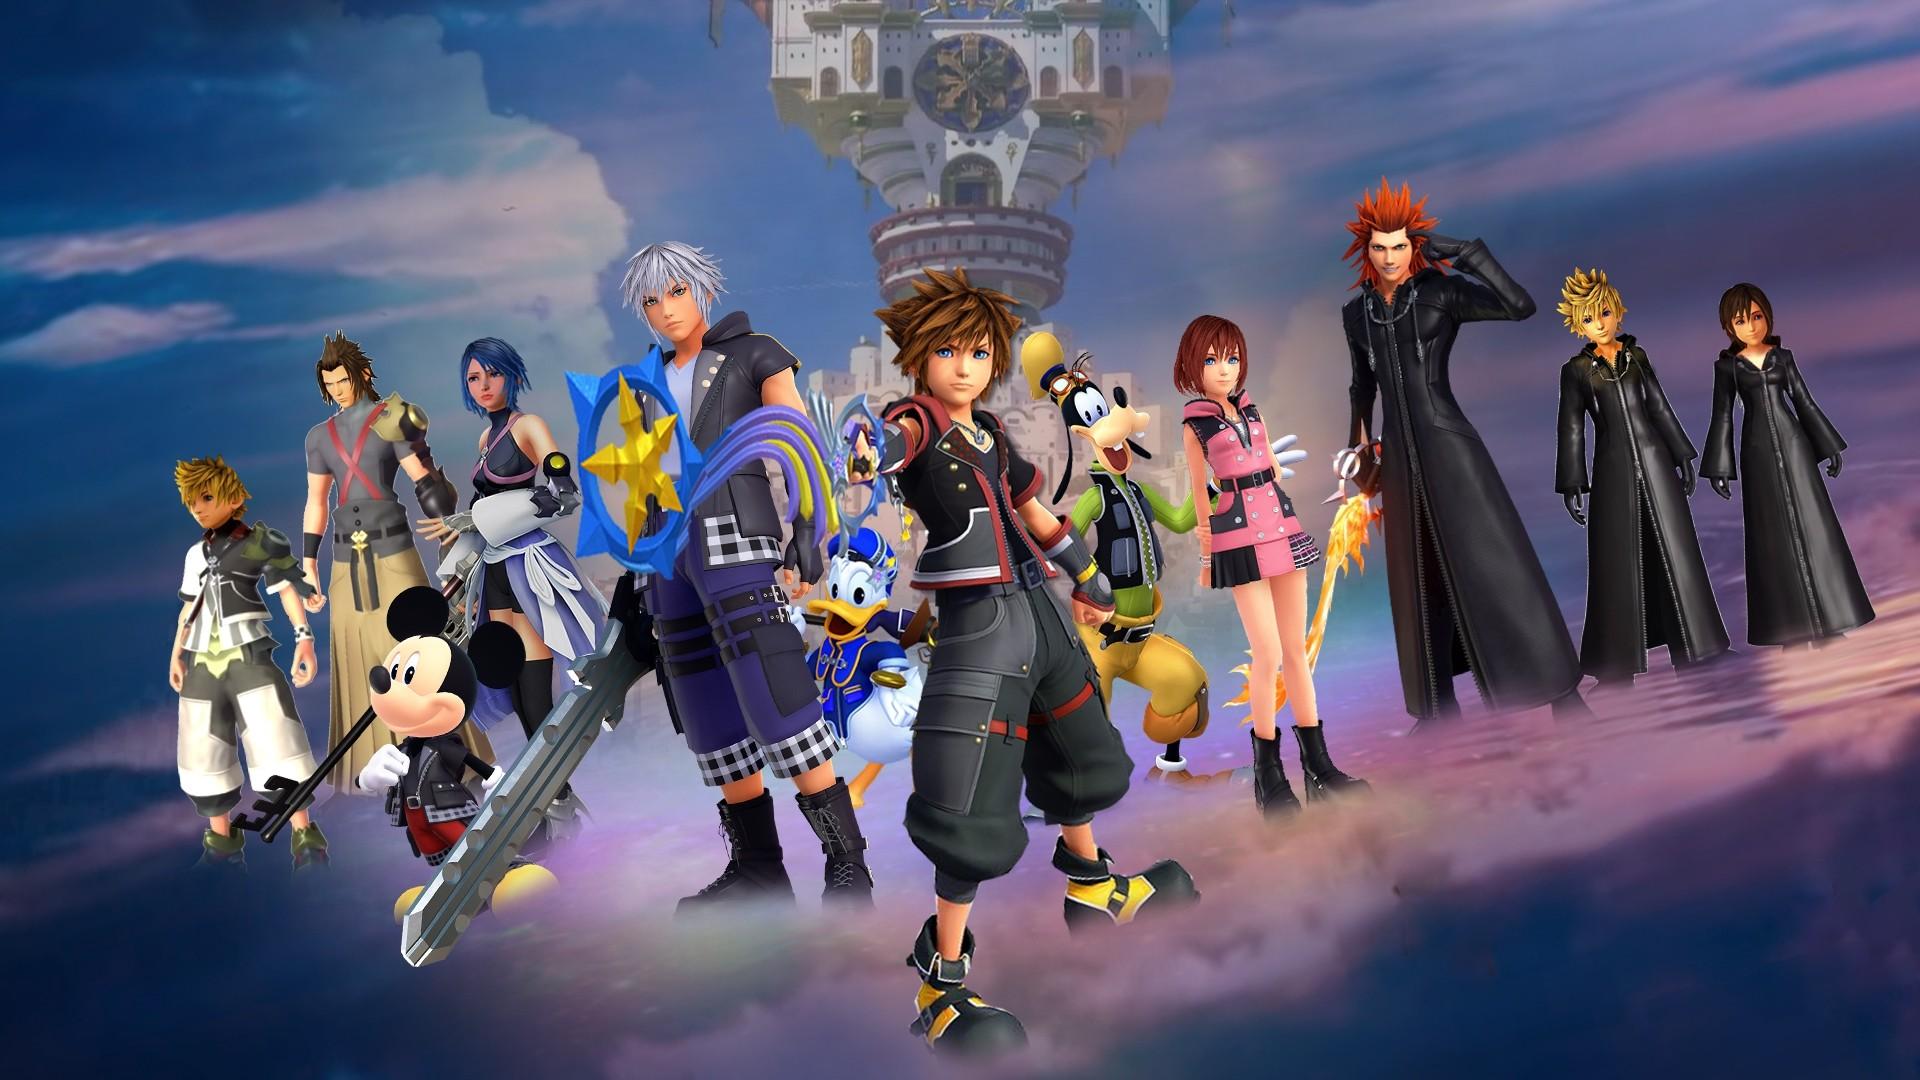 Kingdom Hearts 3 Picture